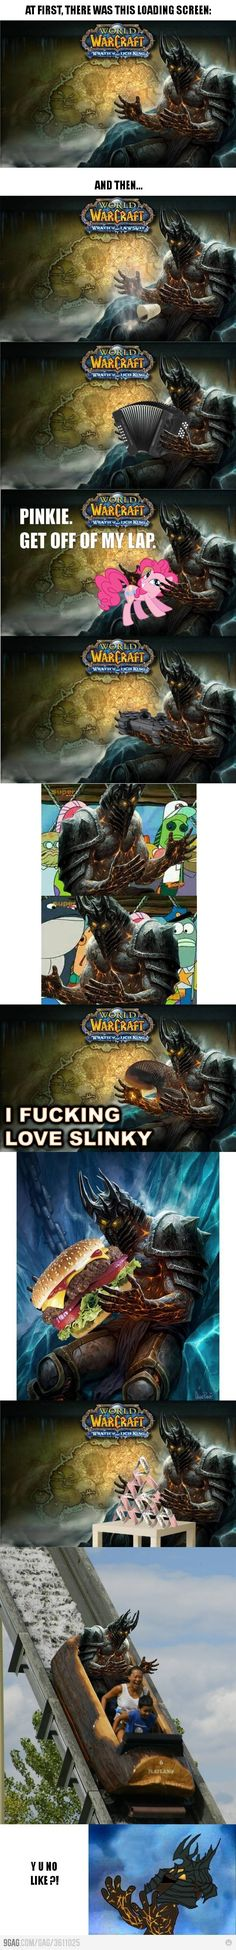 Hilo oficial: World of Warcraft (1829 de 2699) @ ElOtroLado.net PC Juegos